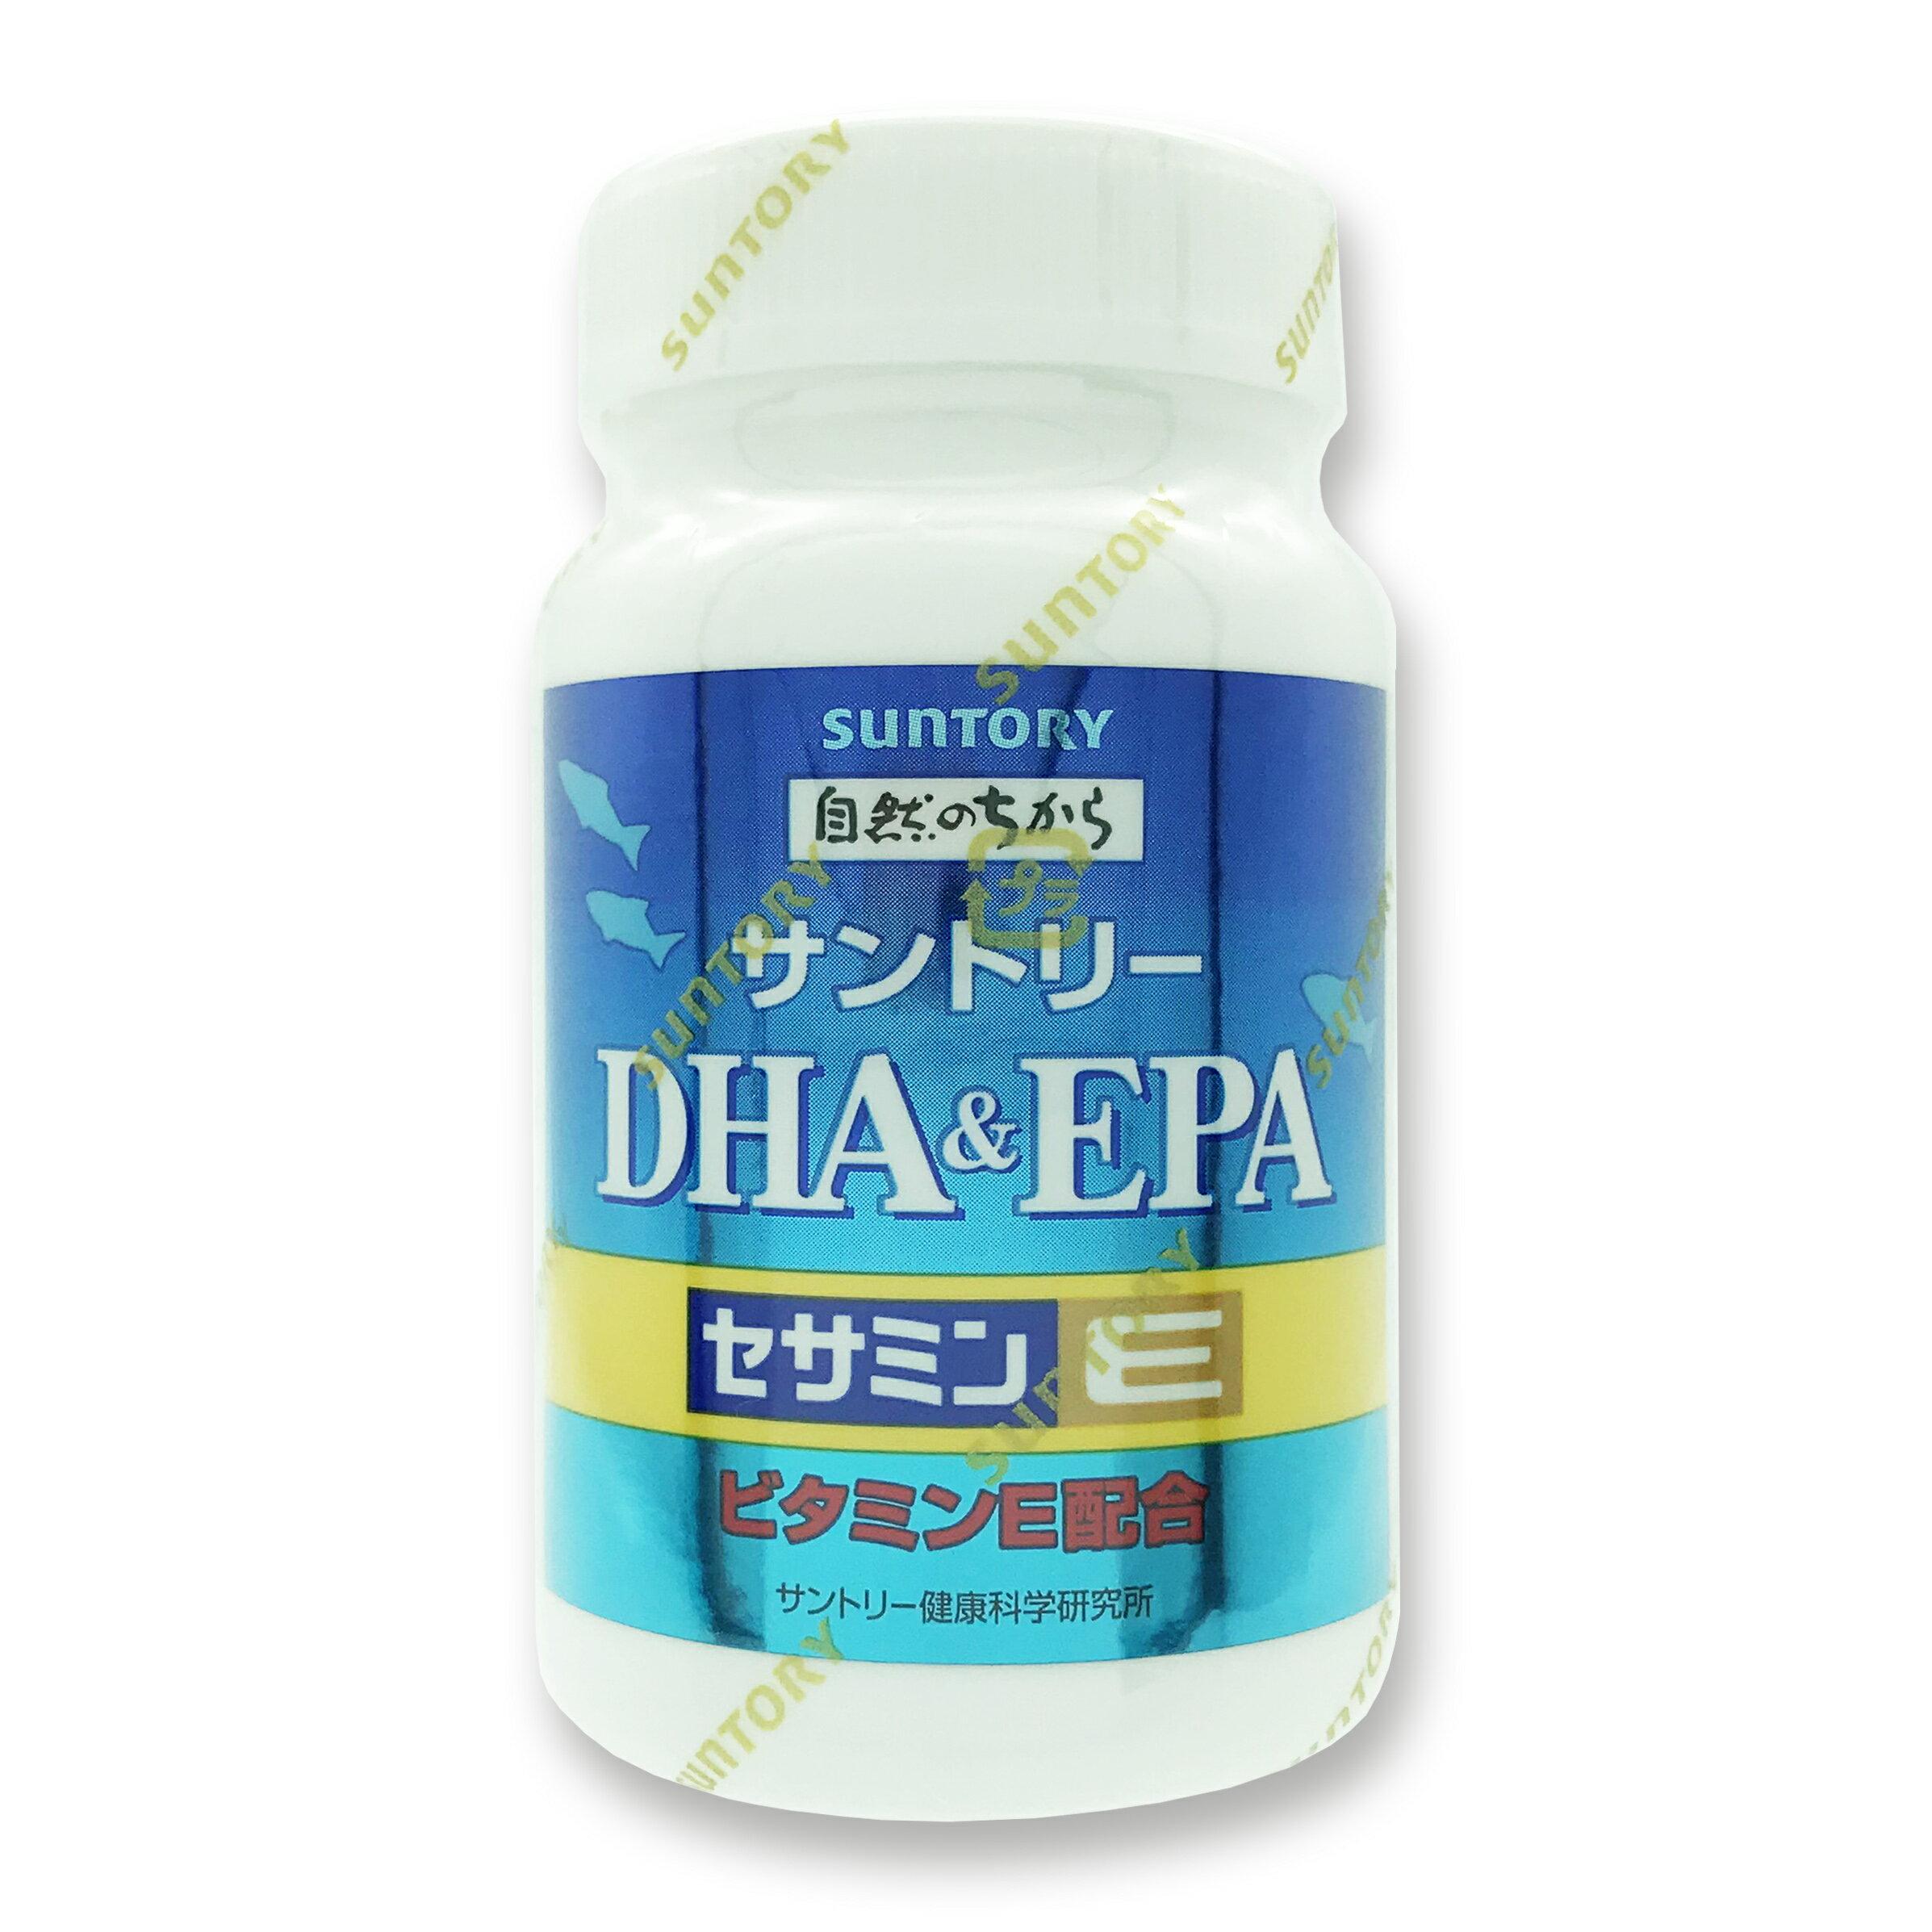 正品有防偽 Suntory三得利 魚油 DHA&EPA+芝麻明E【優.日常】